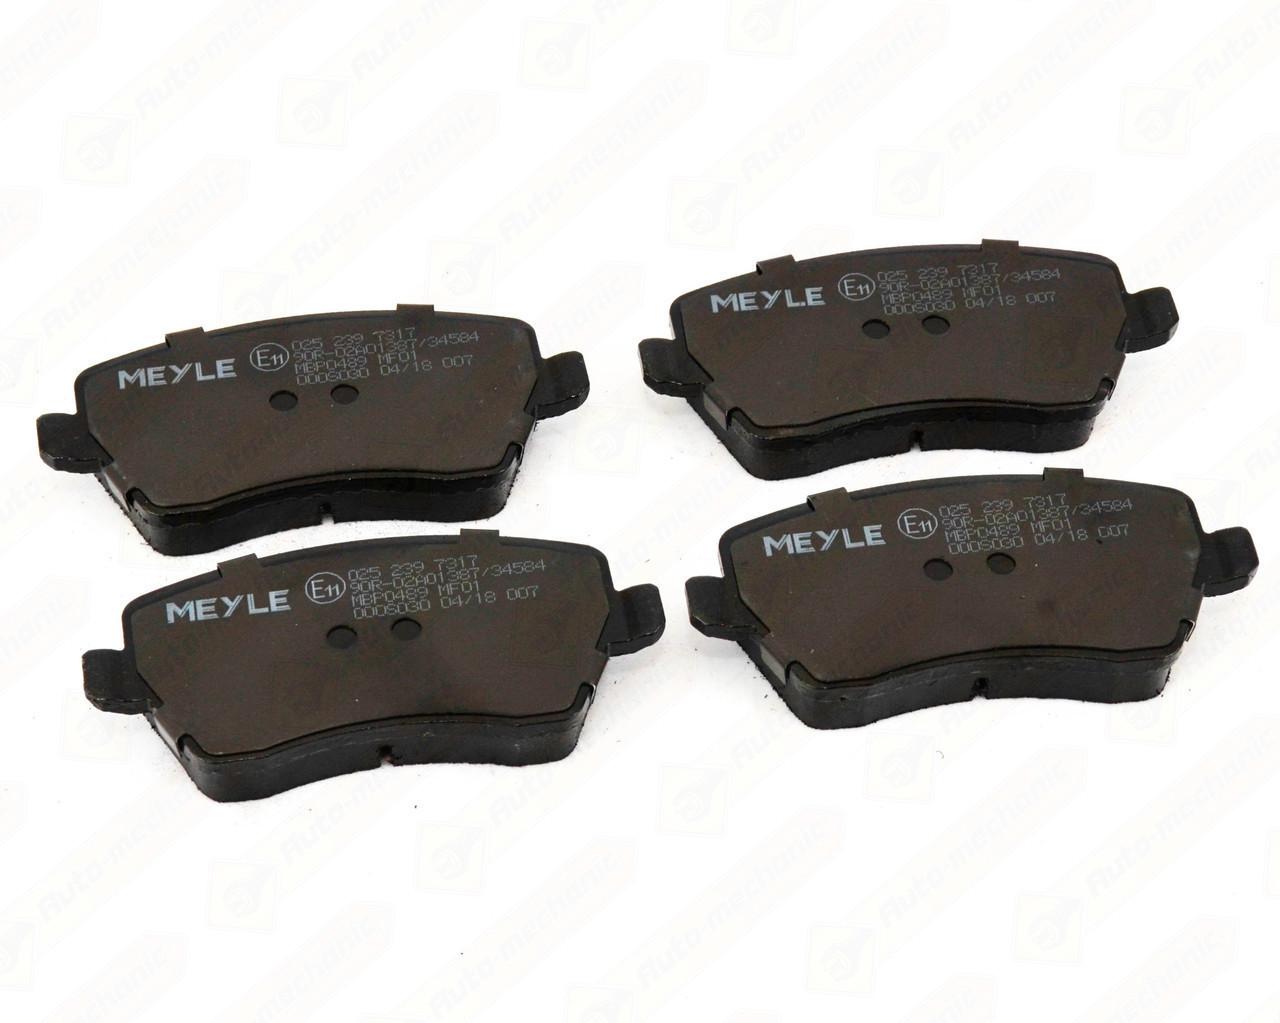 Дисковые тормозные колодки (передние) на Renault Duster I 2011->2017 — Meyle - 0252397317